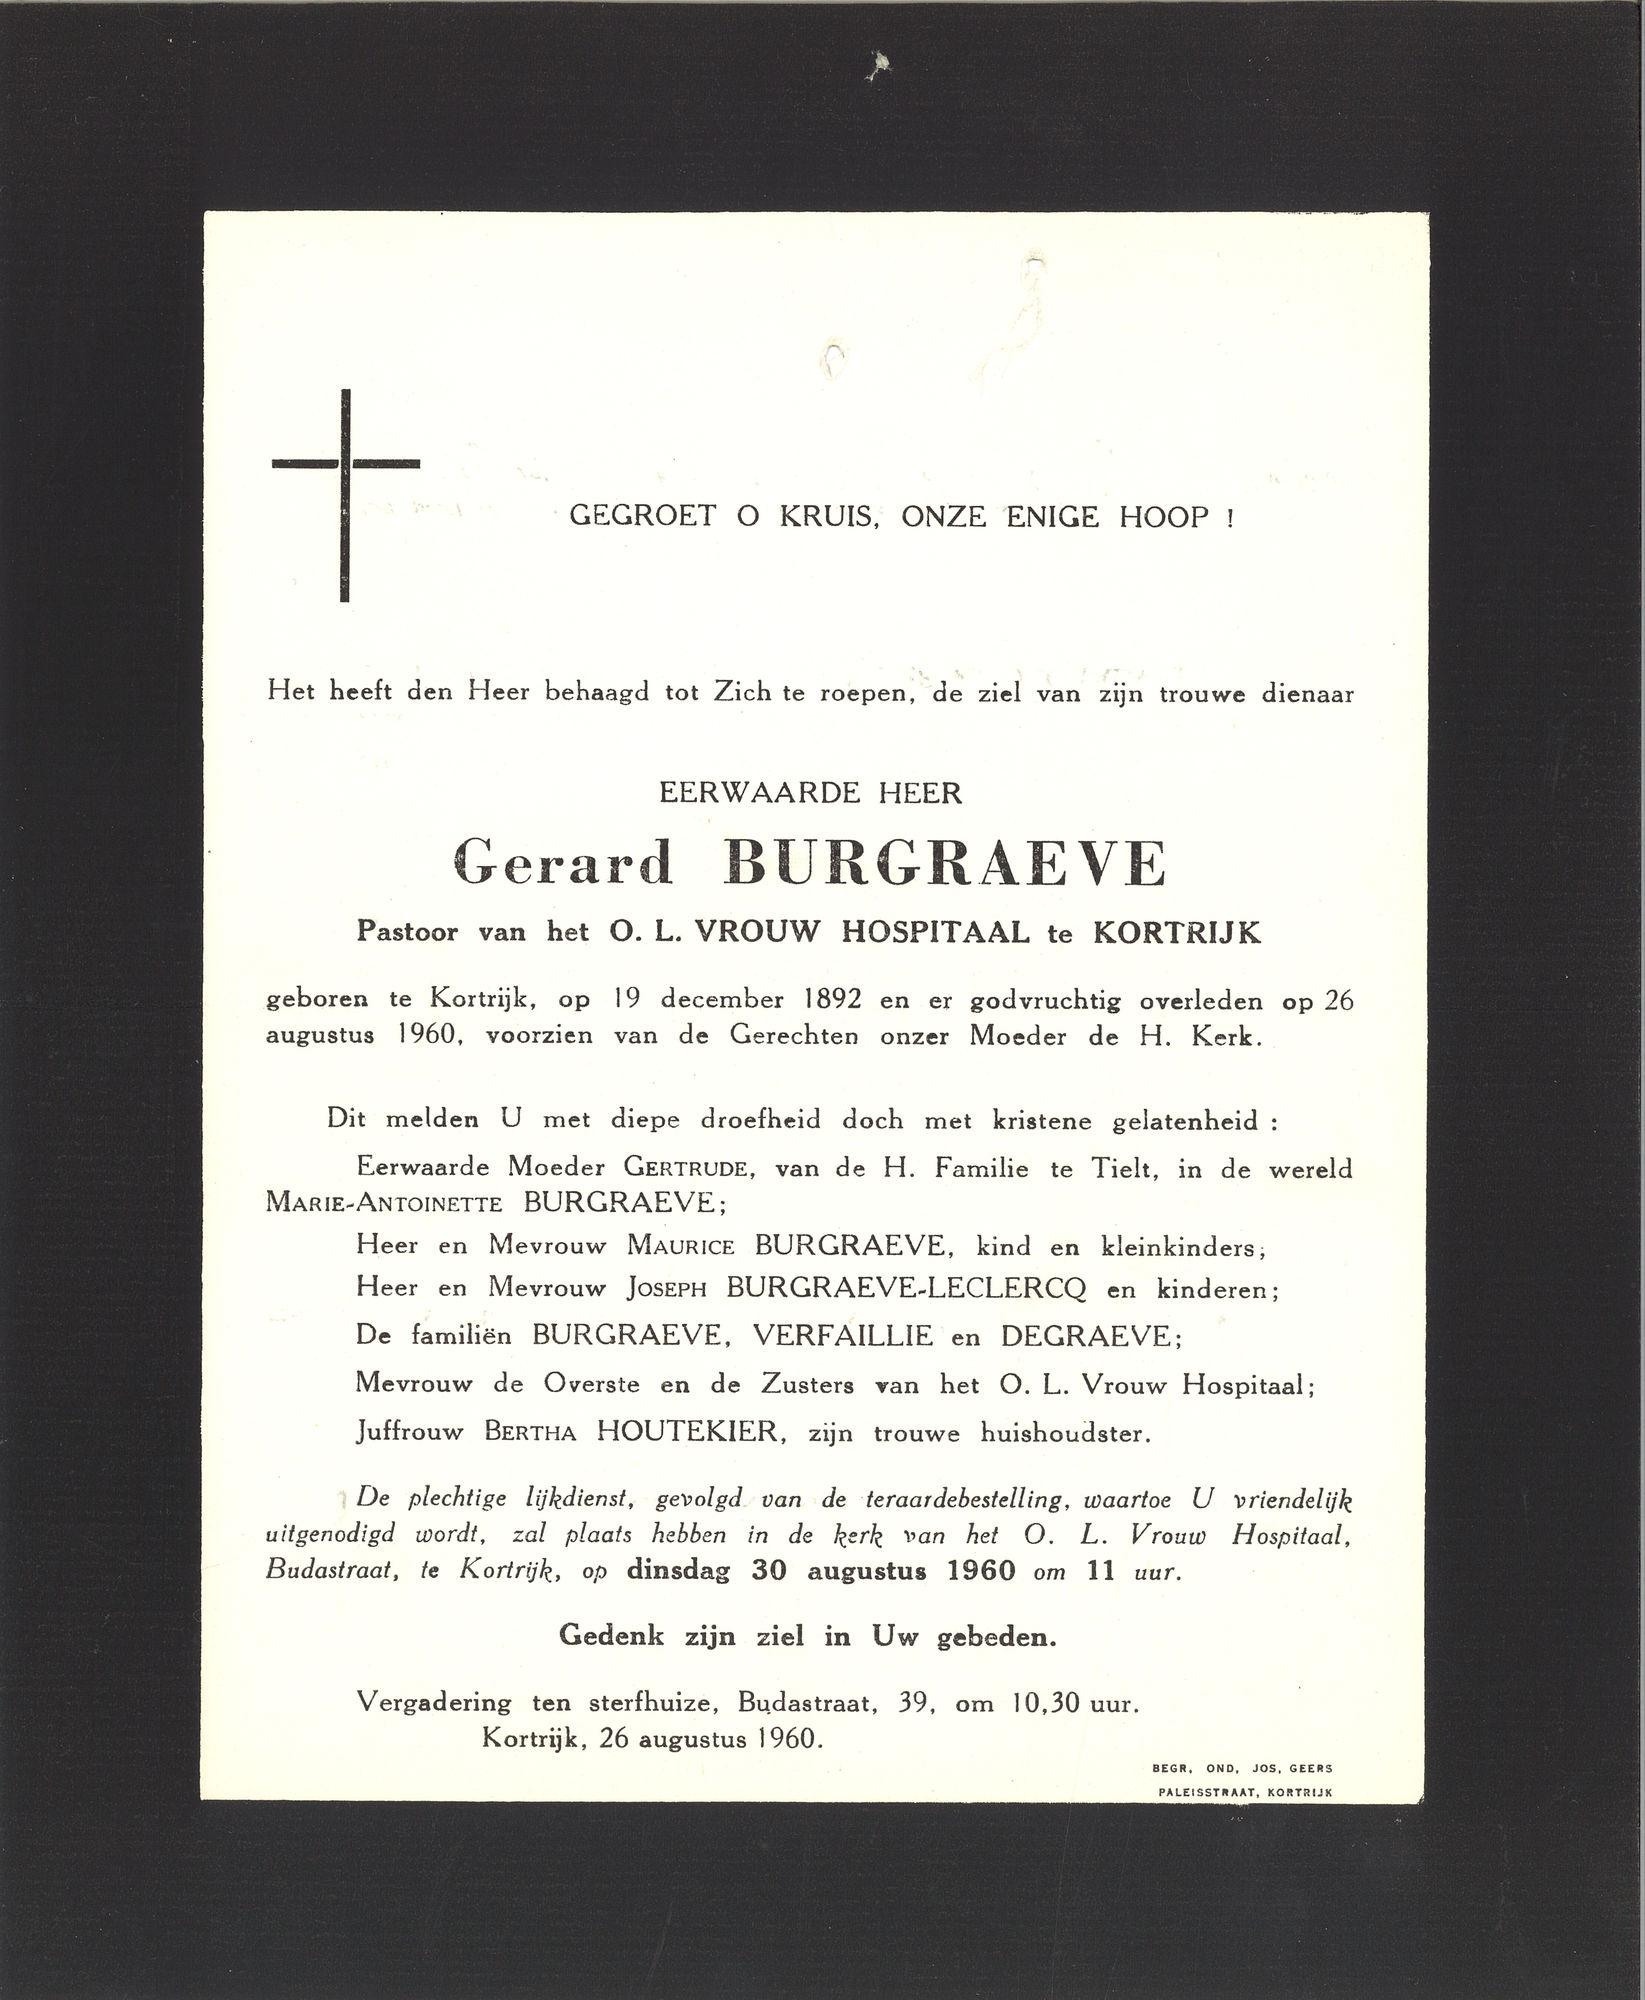 Gerard Burgraeve